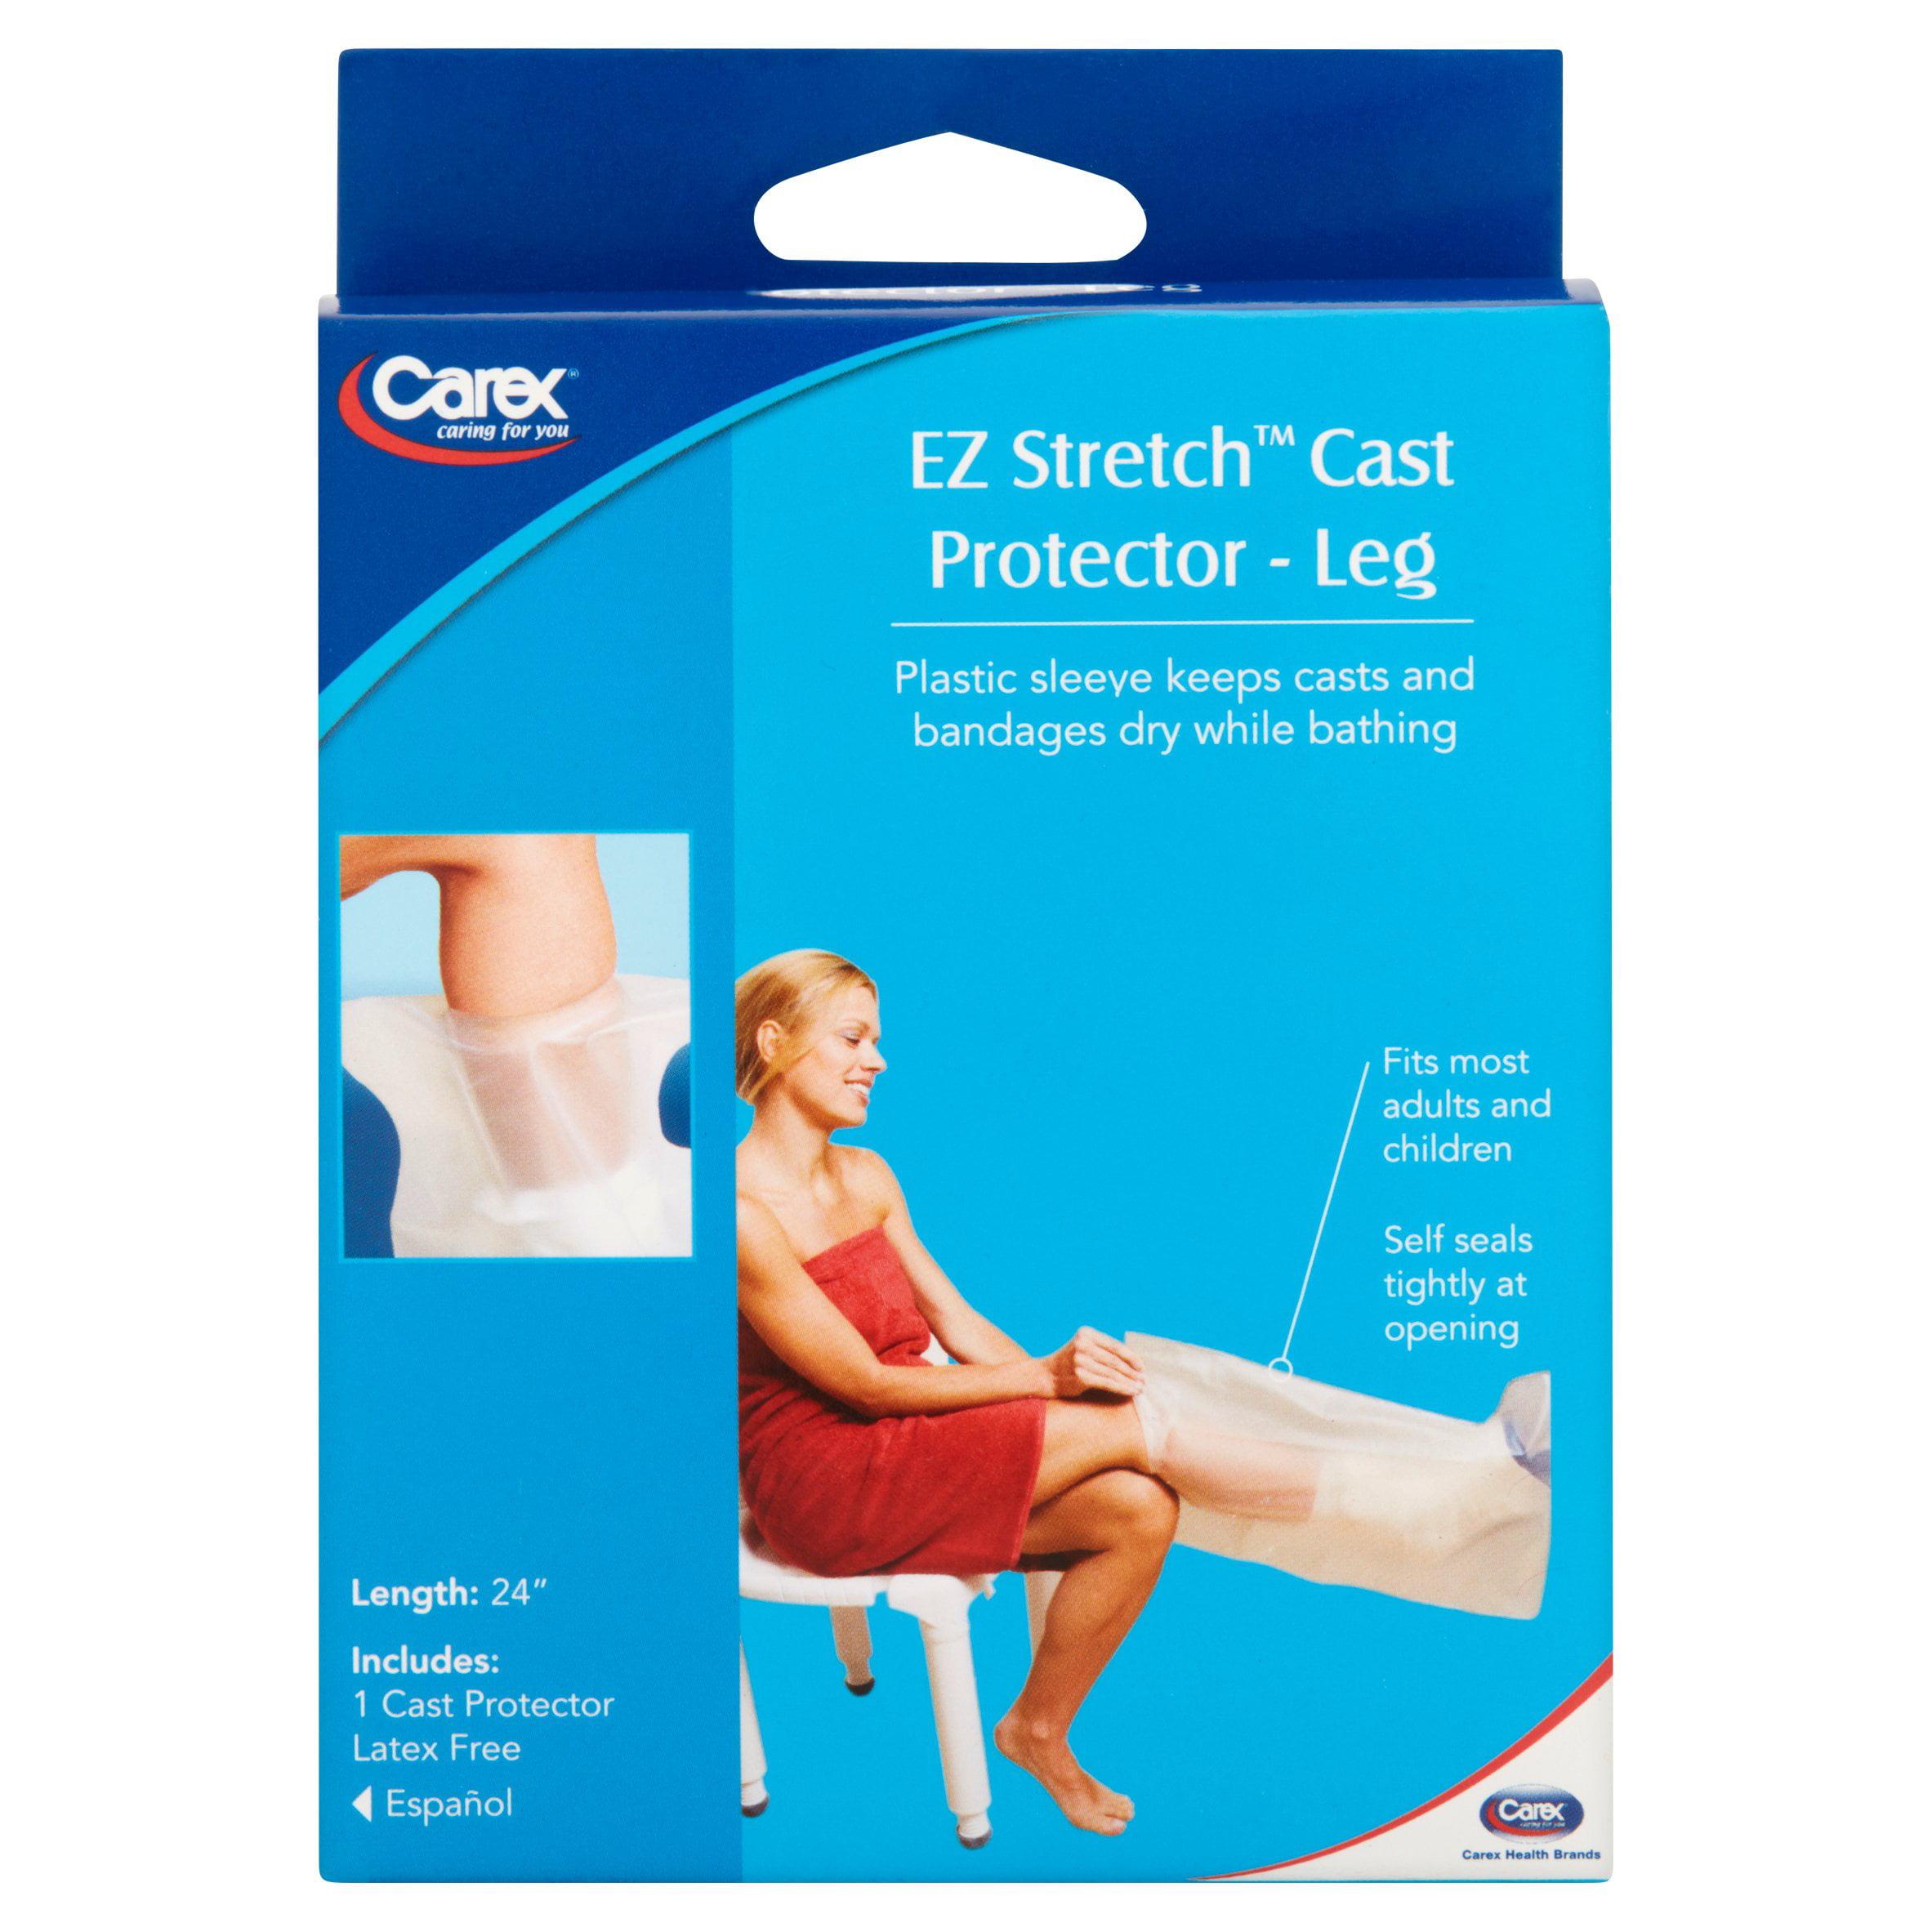 Carex Ez Stretch Leg Cast Protector Walmartcom